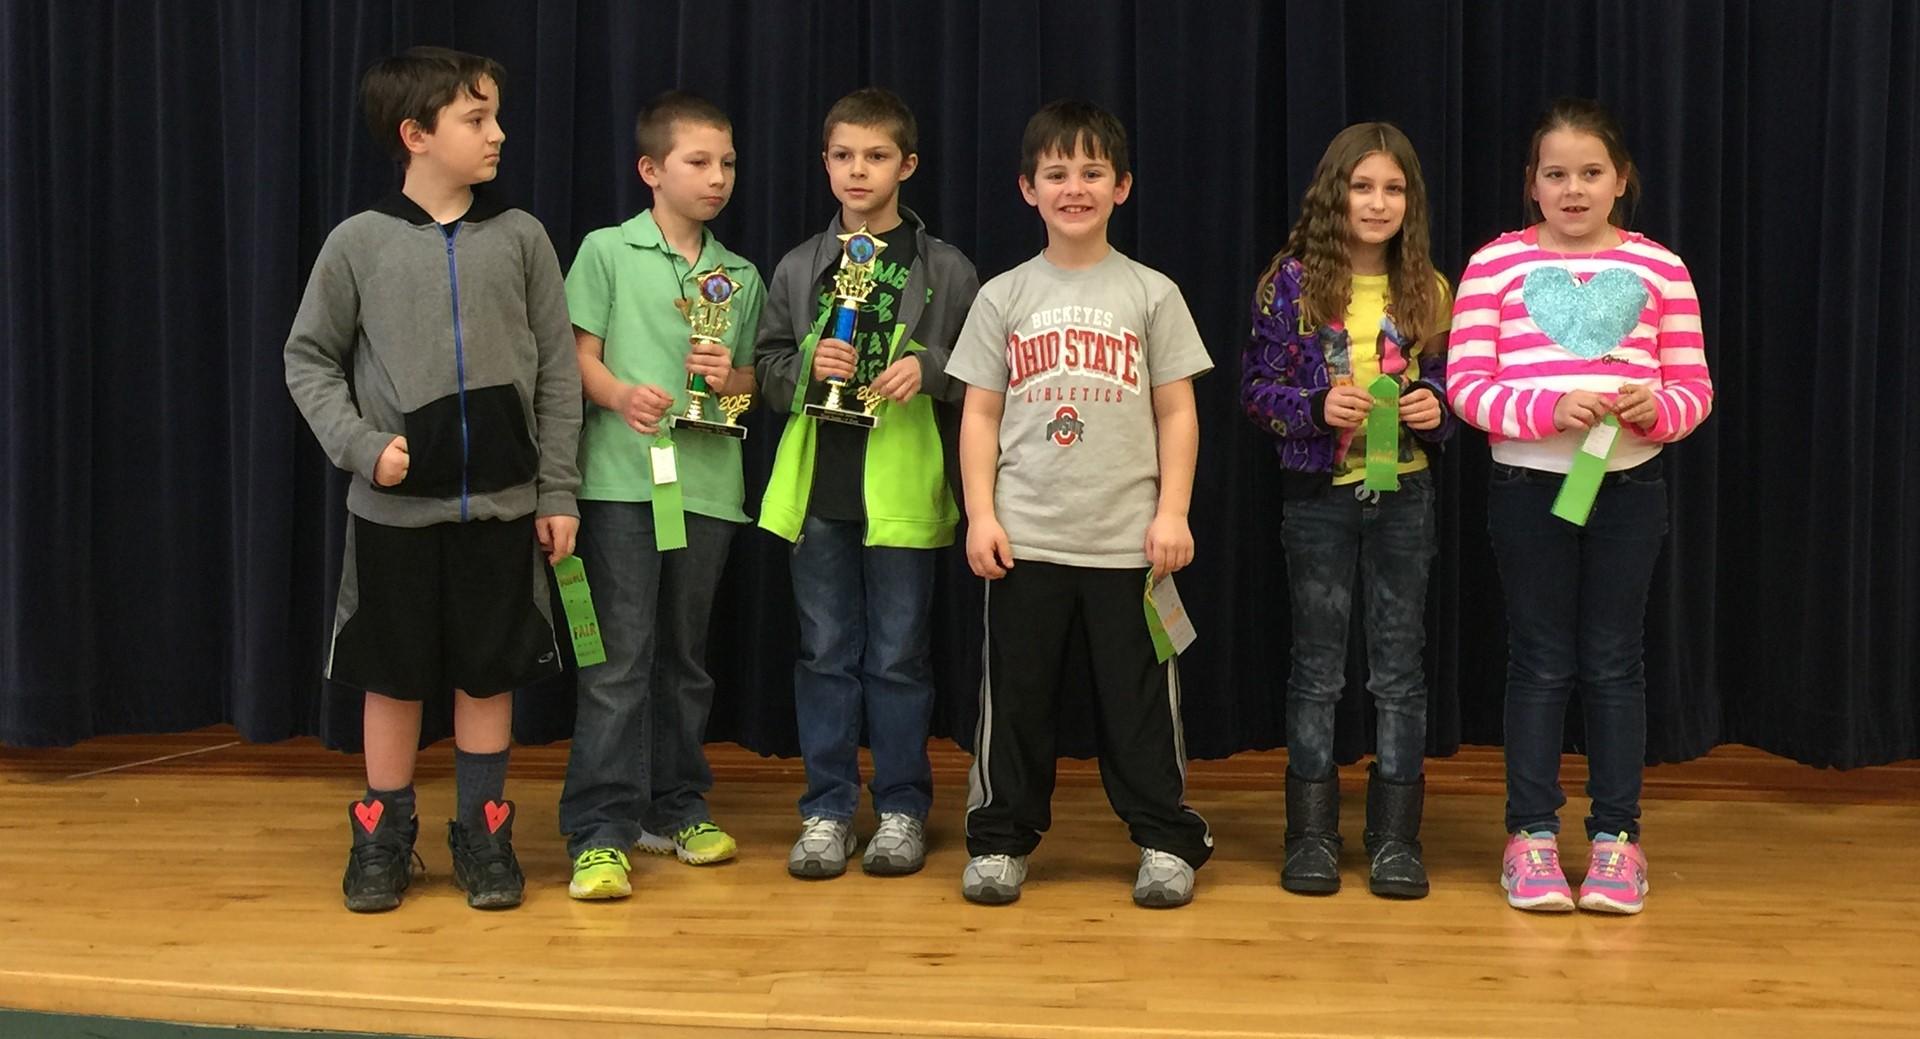 2015 3rd grade Science Fair